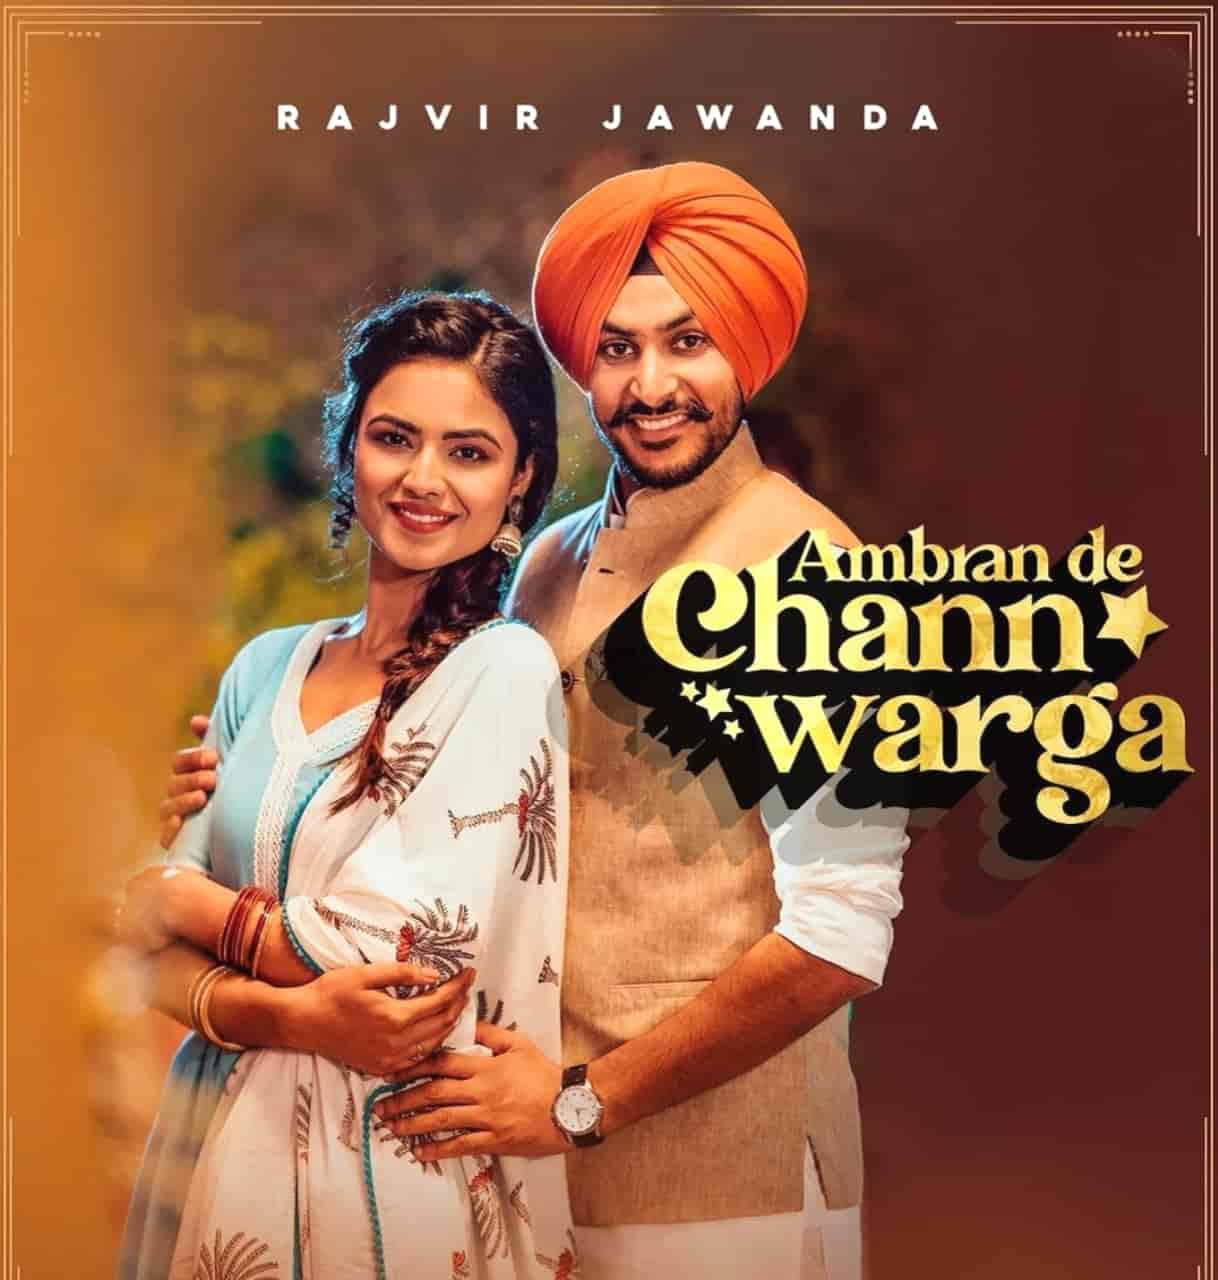 Ambran De Chann Warga Lyrics Rajvir Jawanda